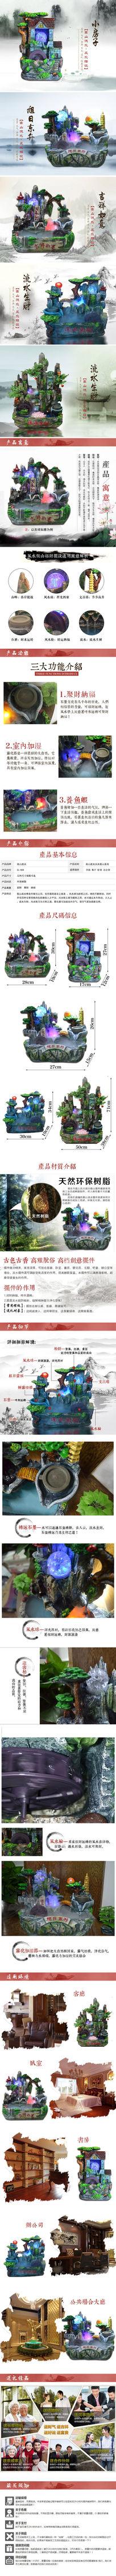 淘宝天猫风水假山摆件详情描述页设计